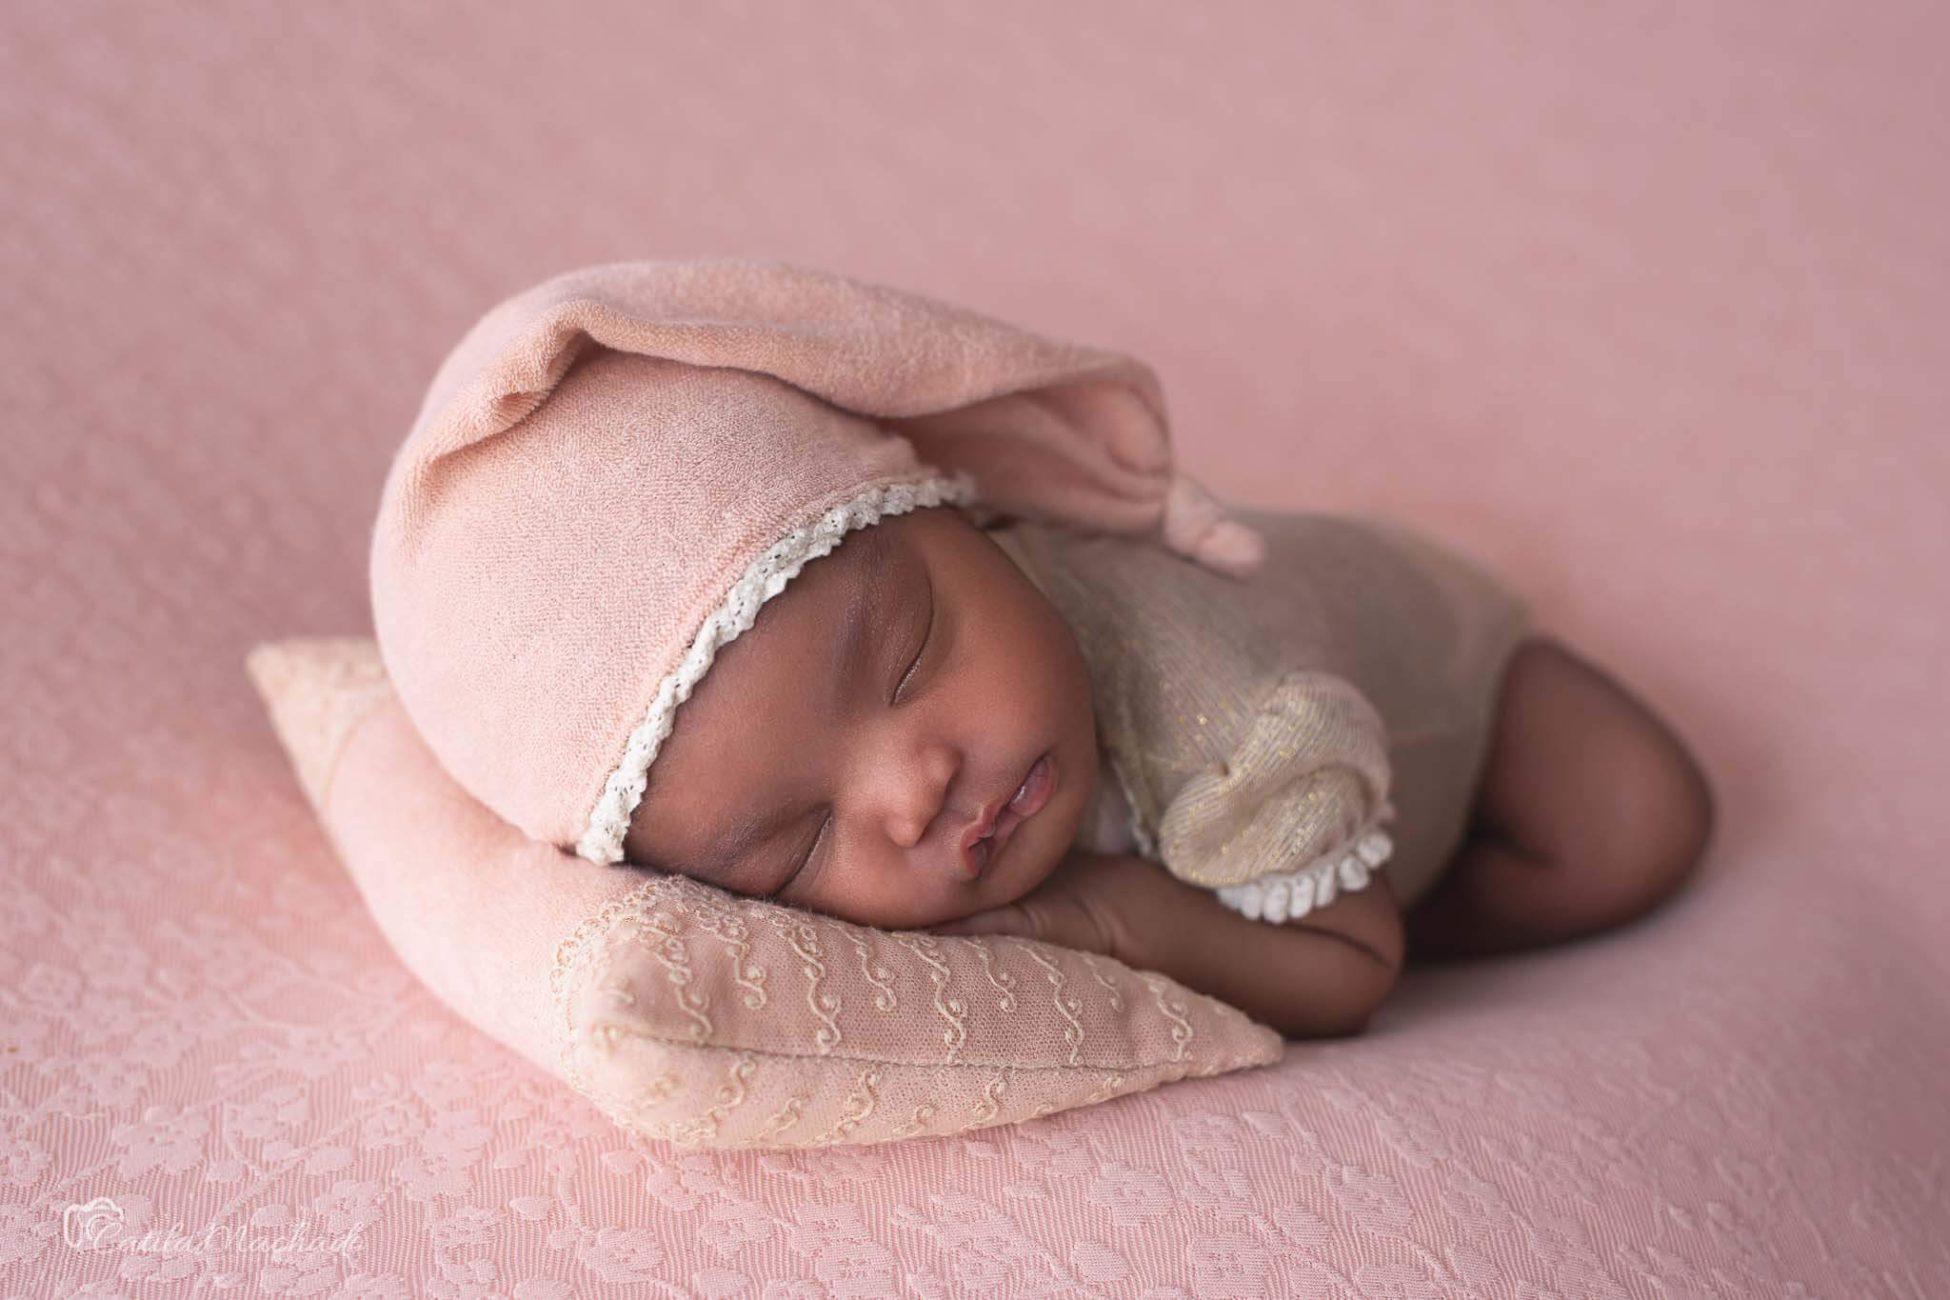 pais_sessao_newborn_ensaio_luanda_angola_catila_machado_photography_fotografia_recem_nascidos_bebes